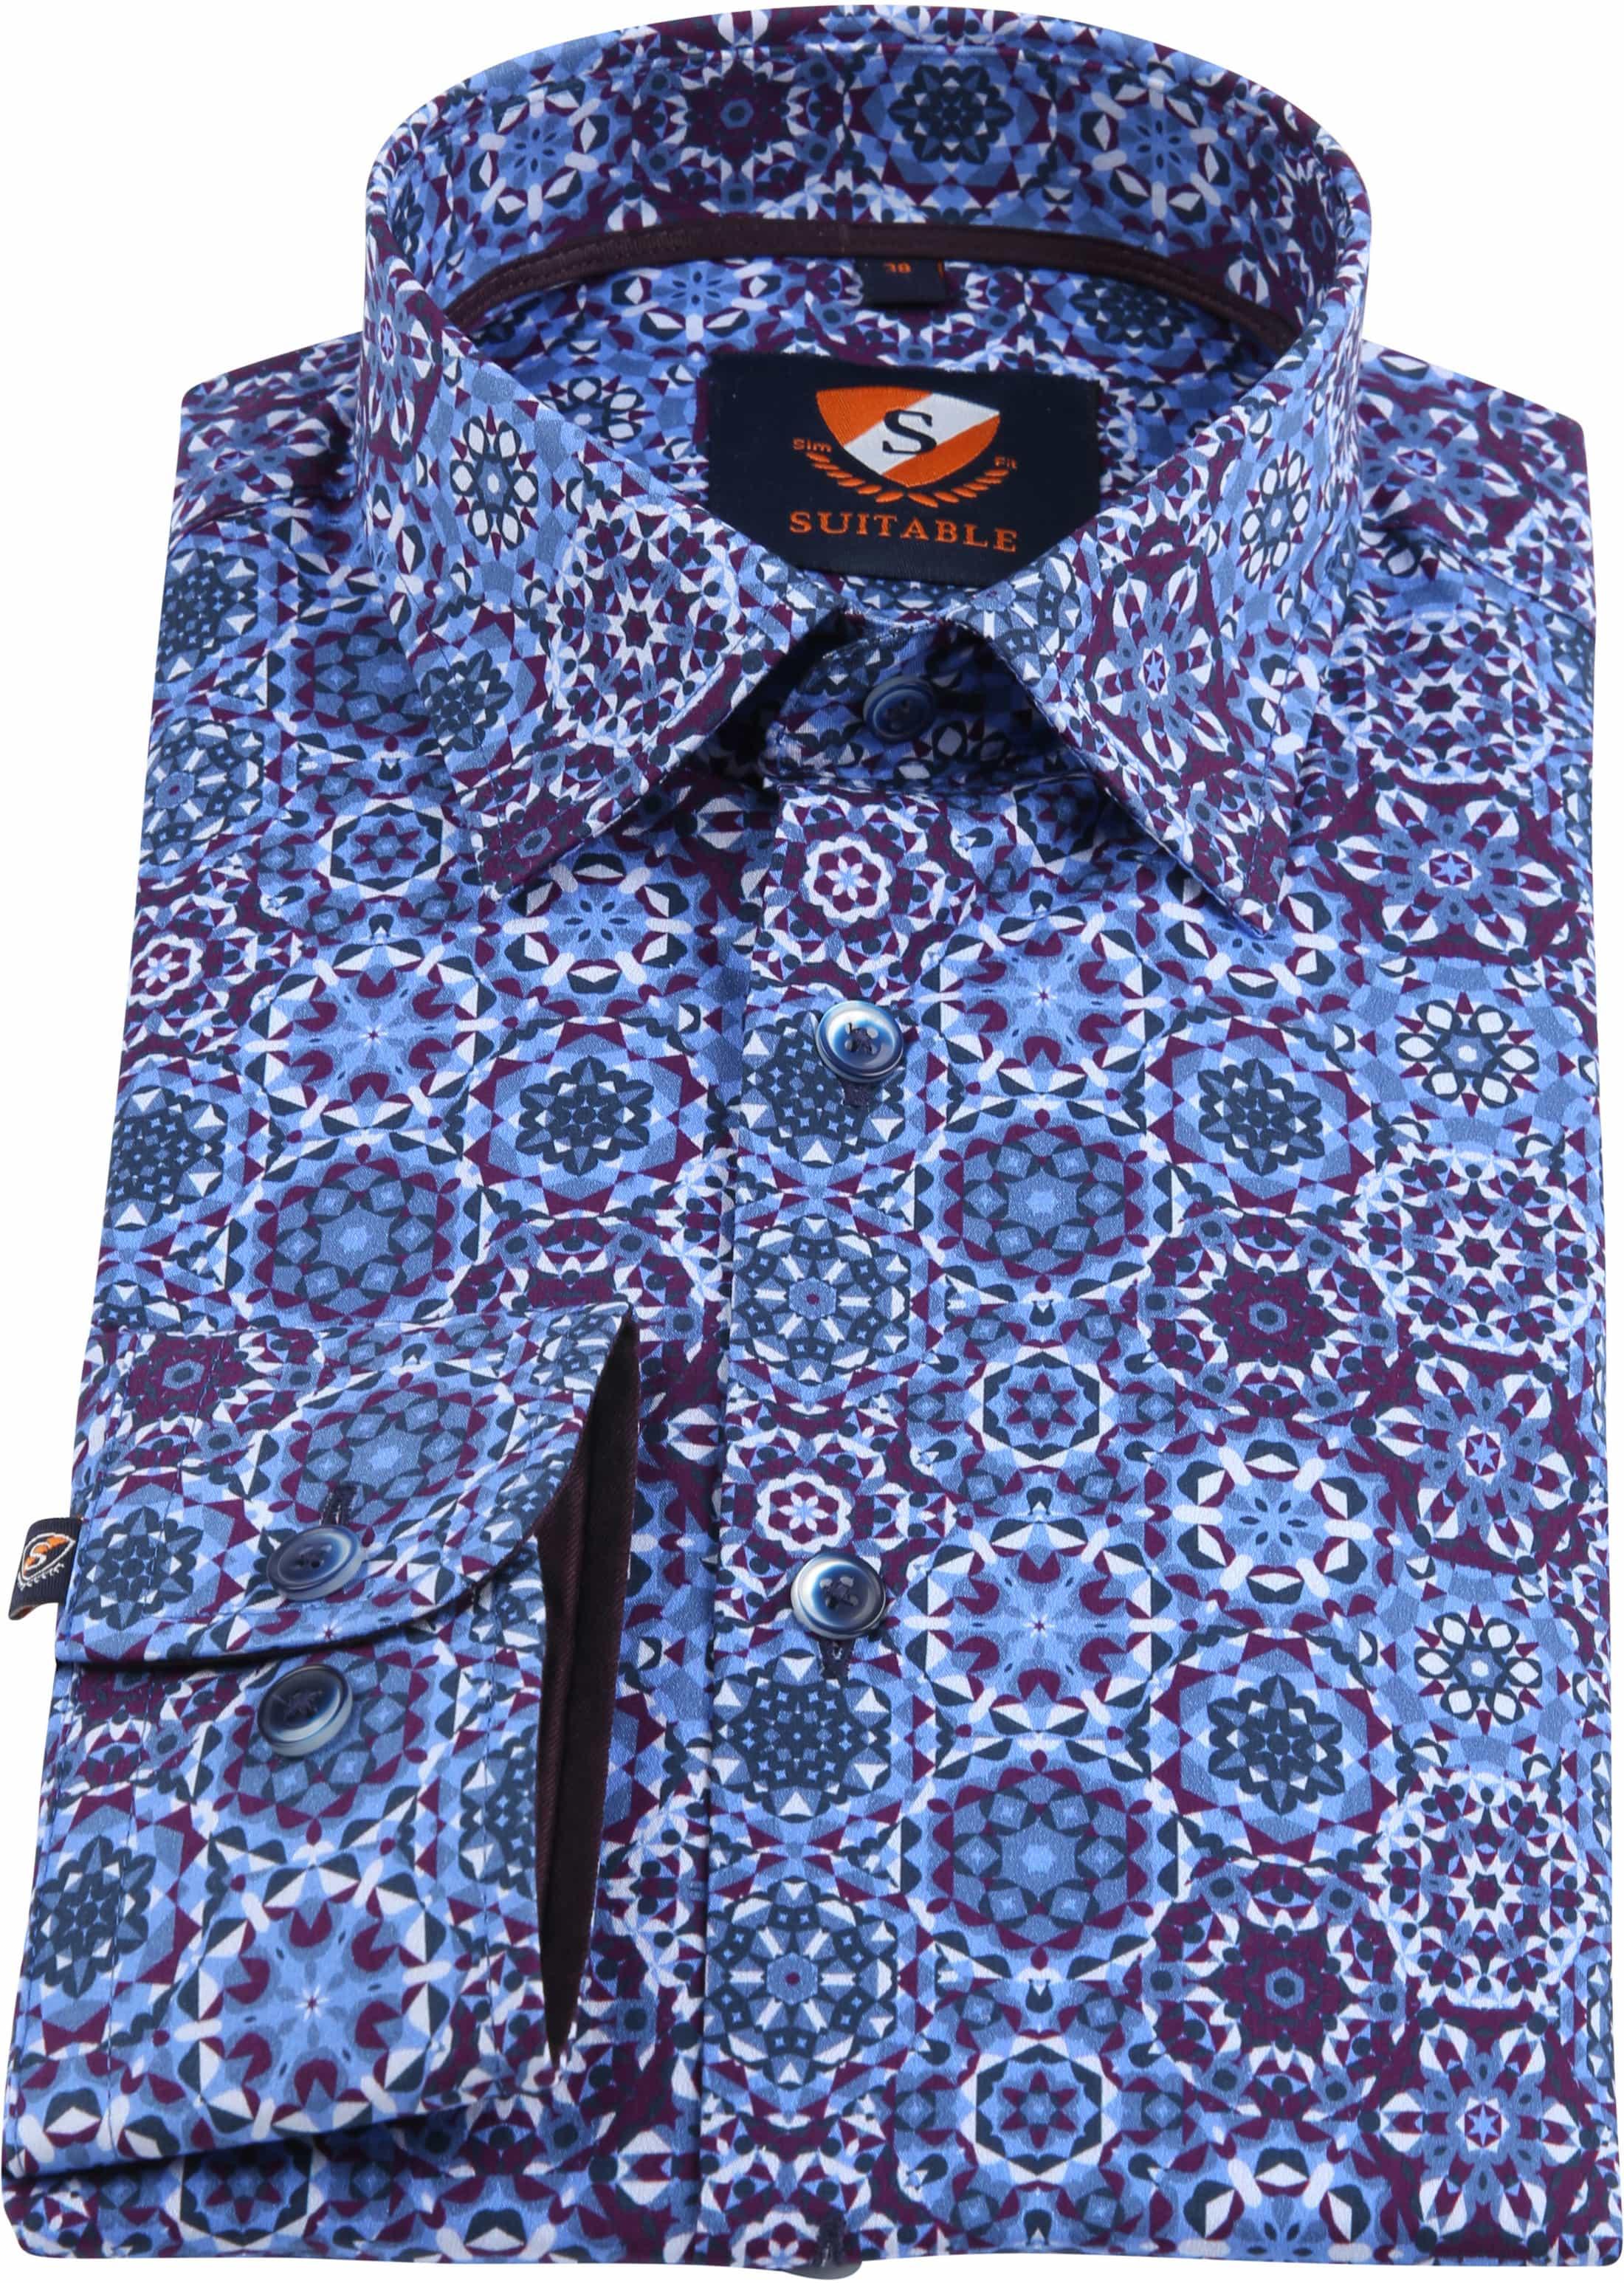 Suitable Overhemd Blauw Paars Dessin foto 2